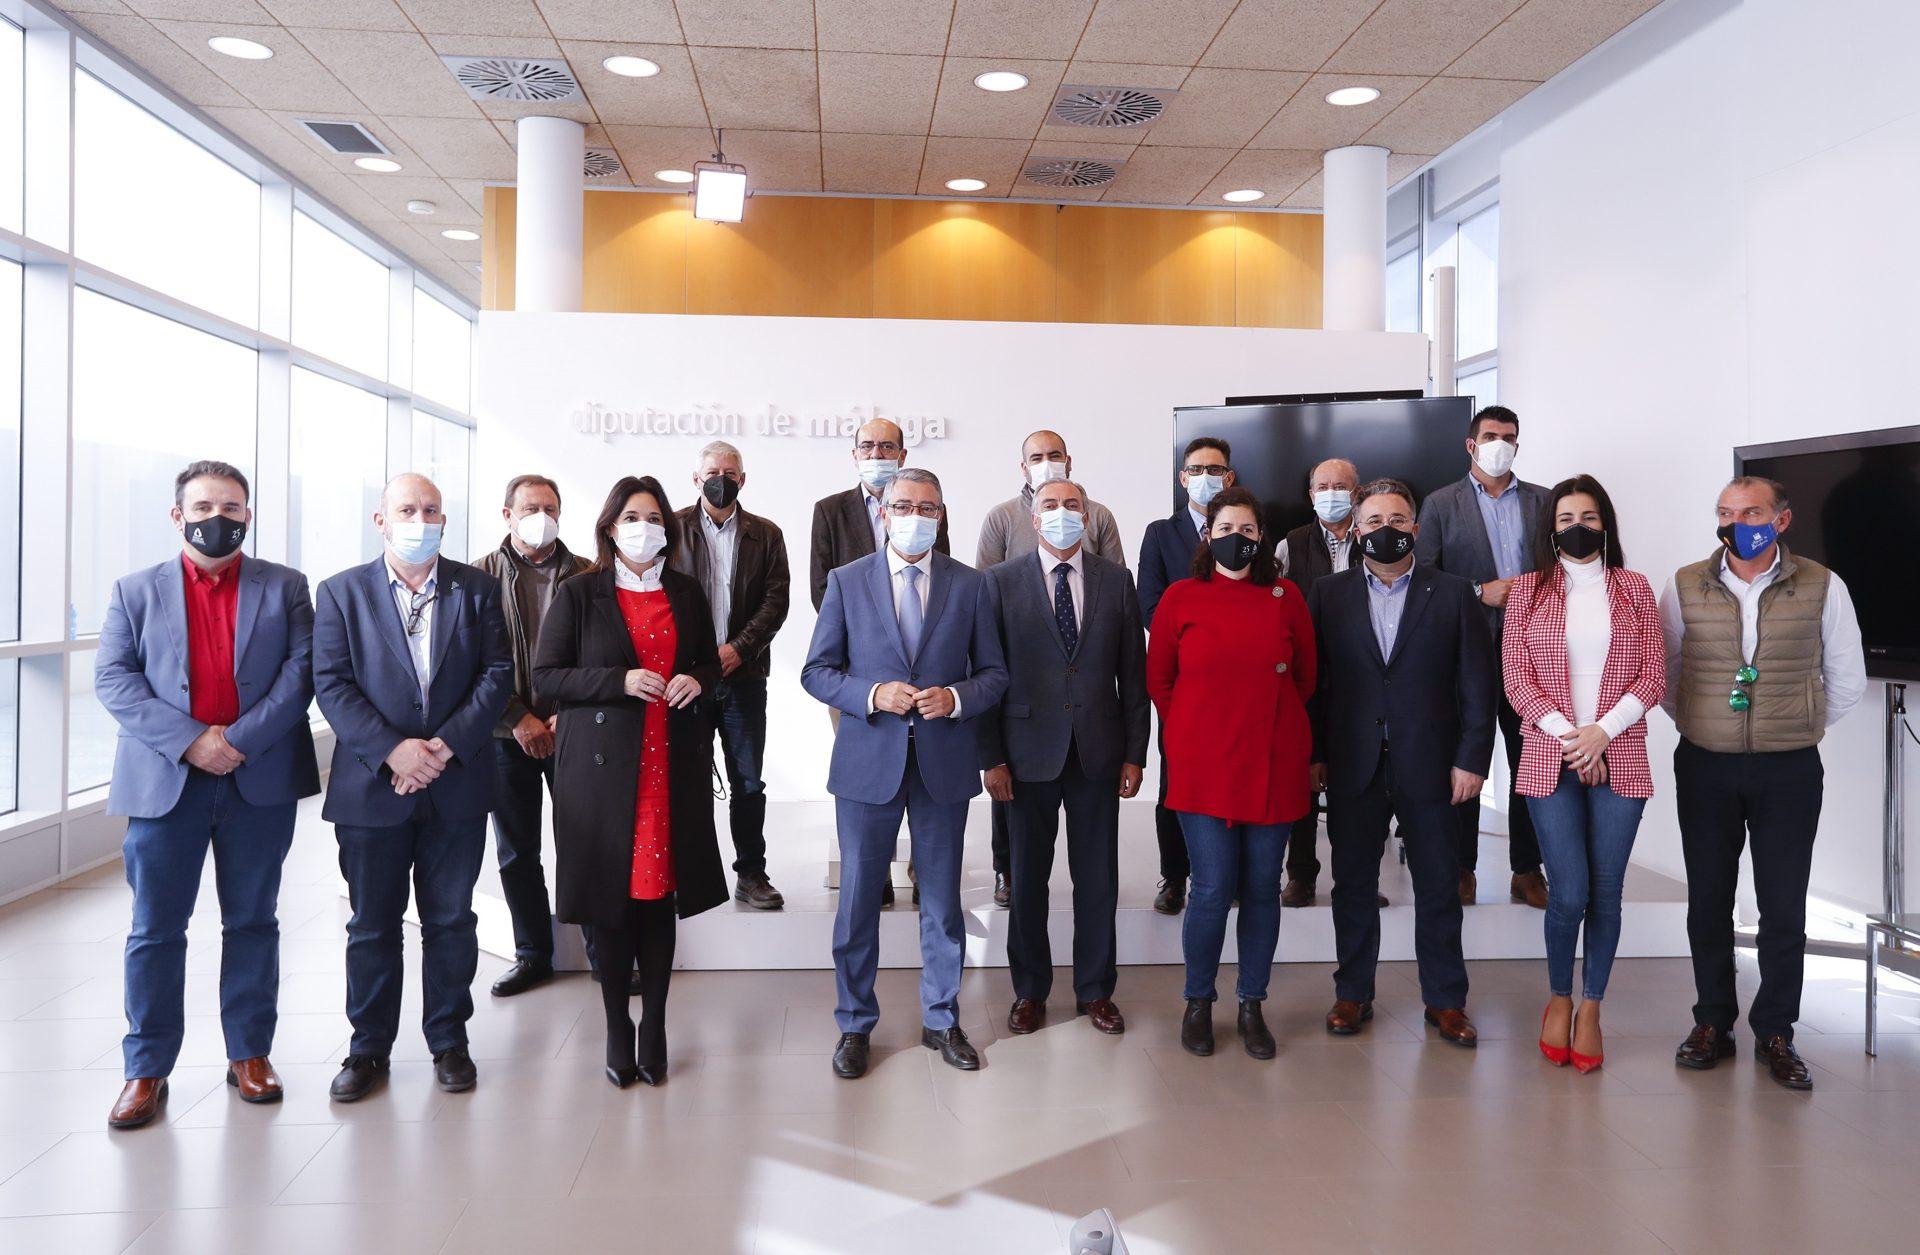 El presidente de la Diputación de Málaga, Francisco Salado (c), acompañado por la vicepresidenta segunda de la diputación, Margarita del Cid Muñoz, y los alcaldes de los 14 municipios de la zona de influencia de la Sierra de las Nieves. EFE/Jorge Zapata